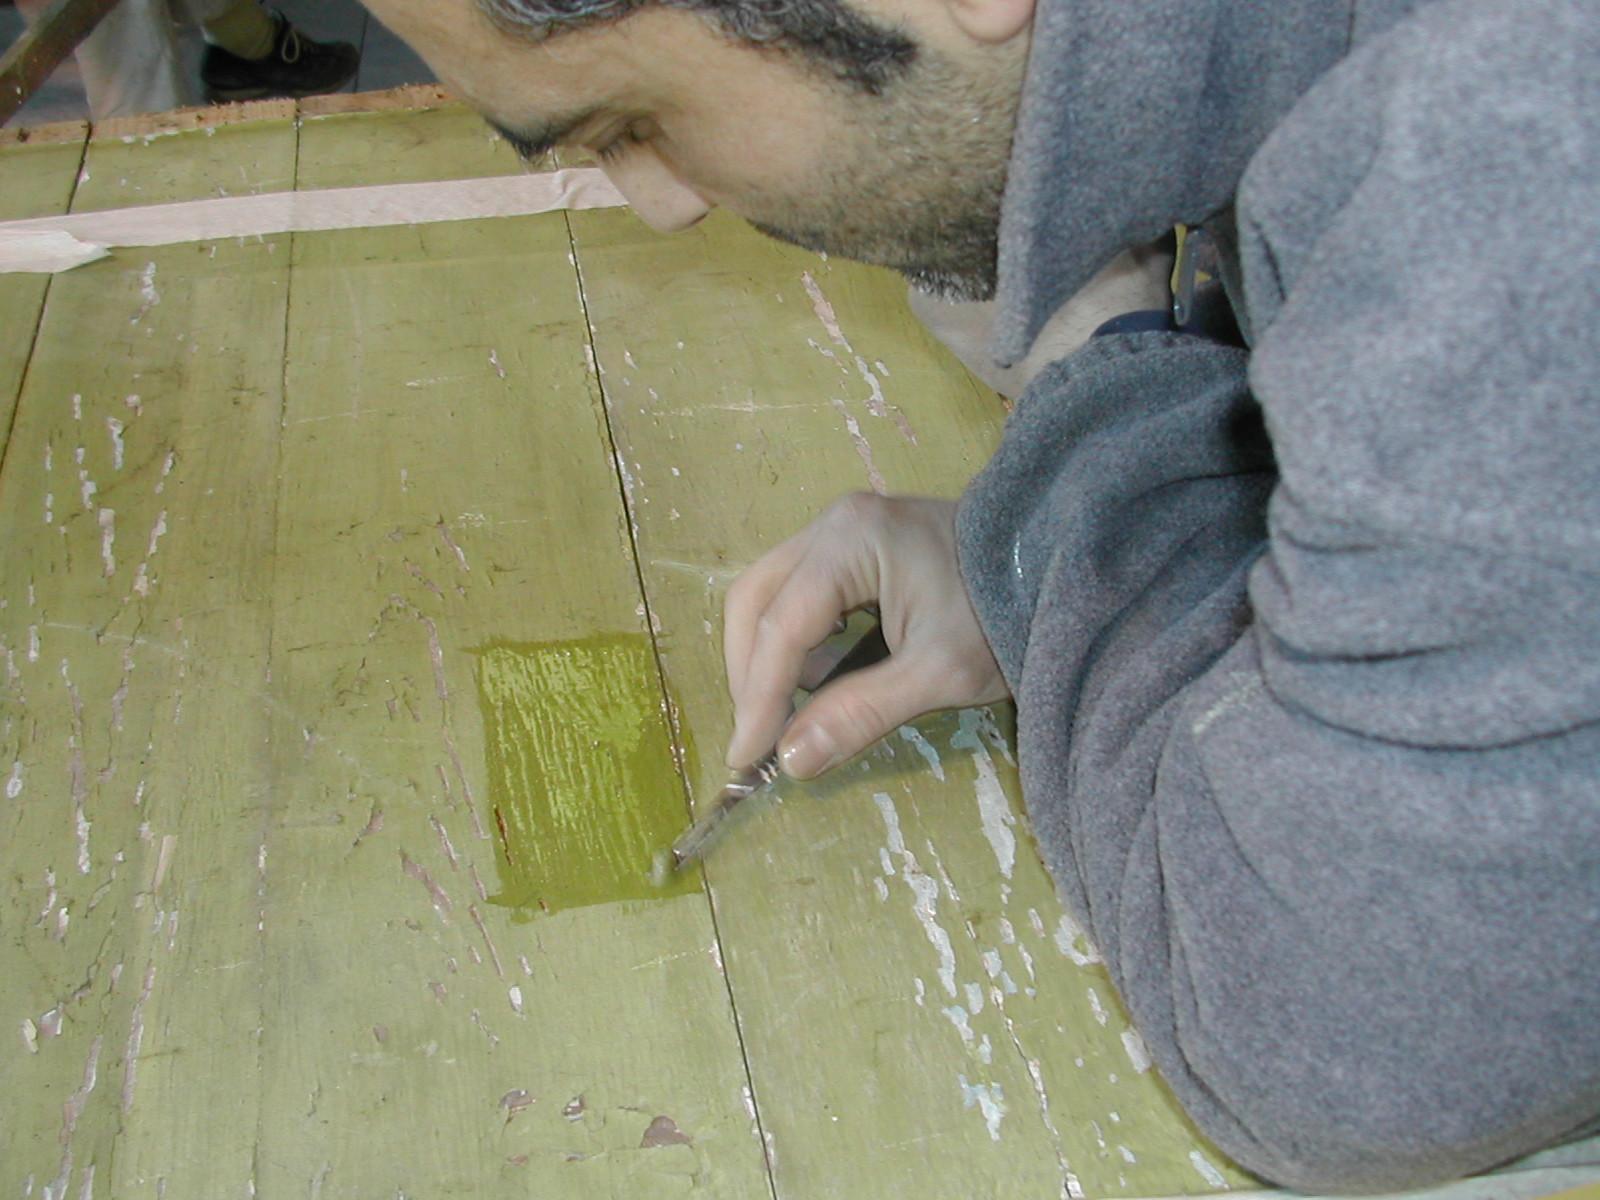 Asportazione dello sverniciatore con bisturi e cotone